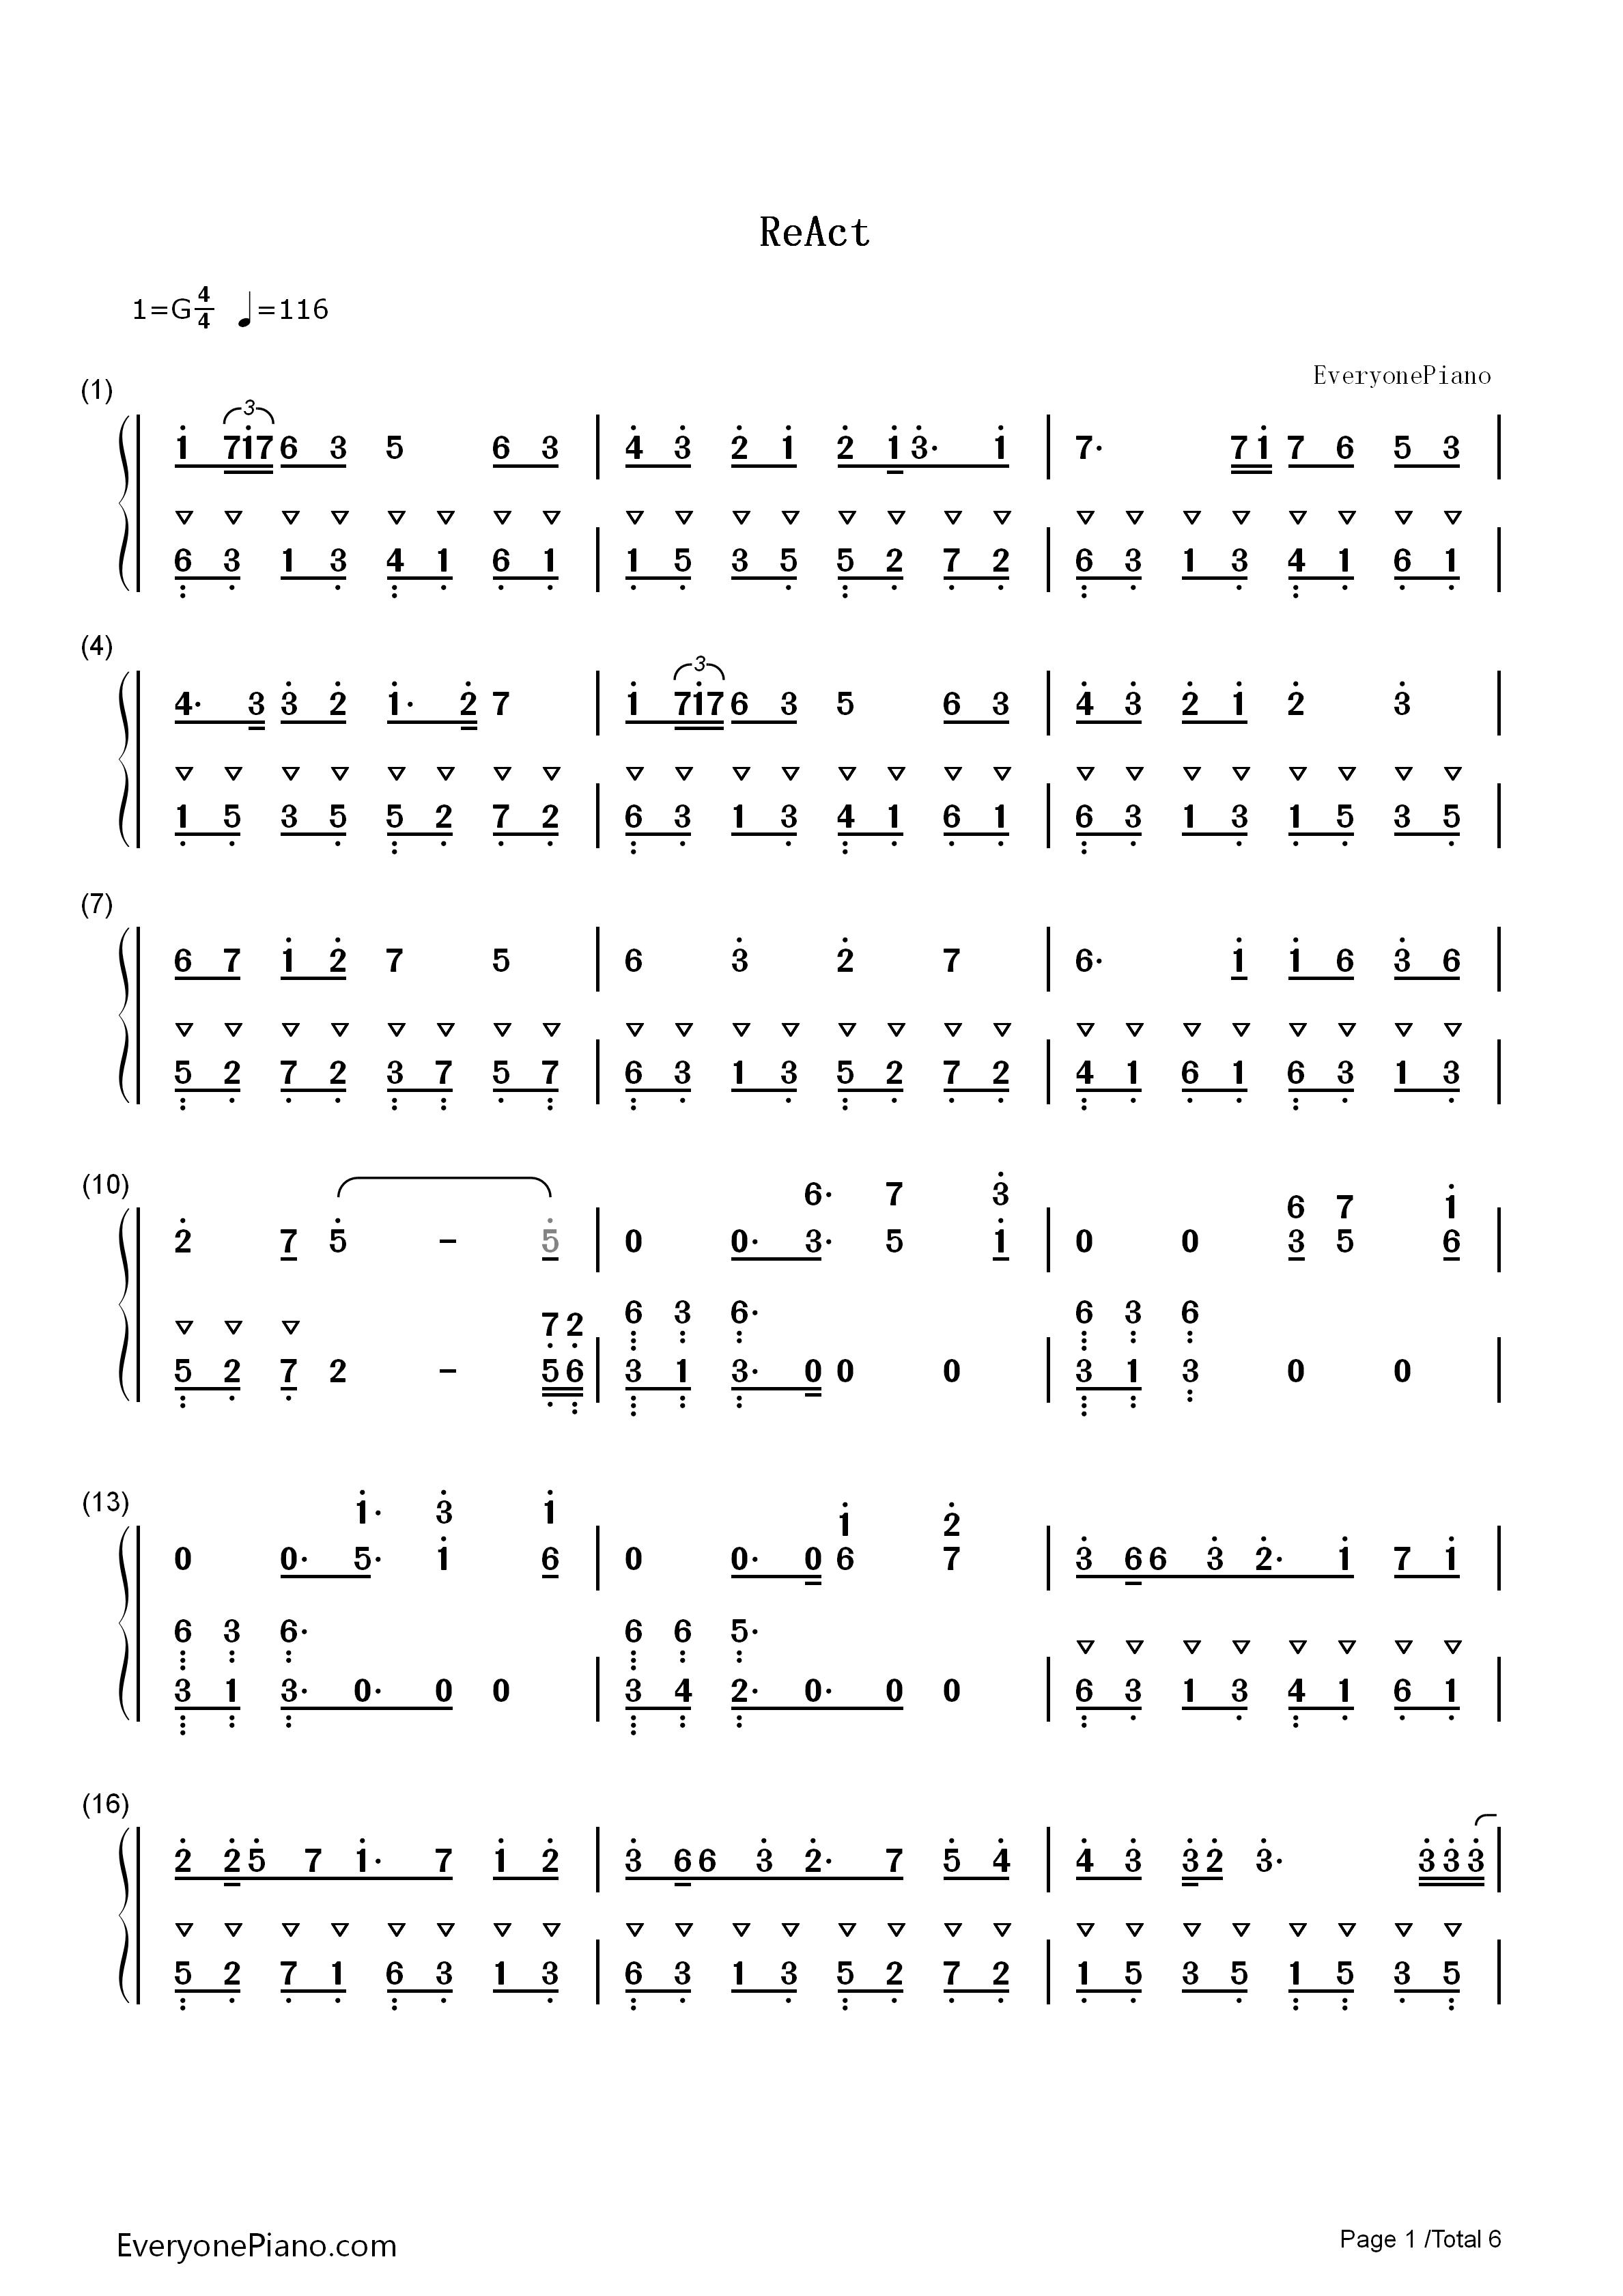 react-初音未来,镜音双子双手简谱预览